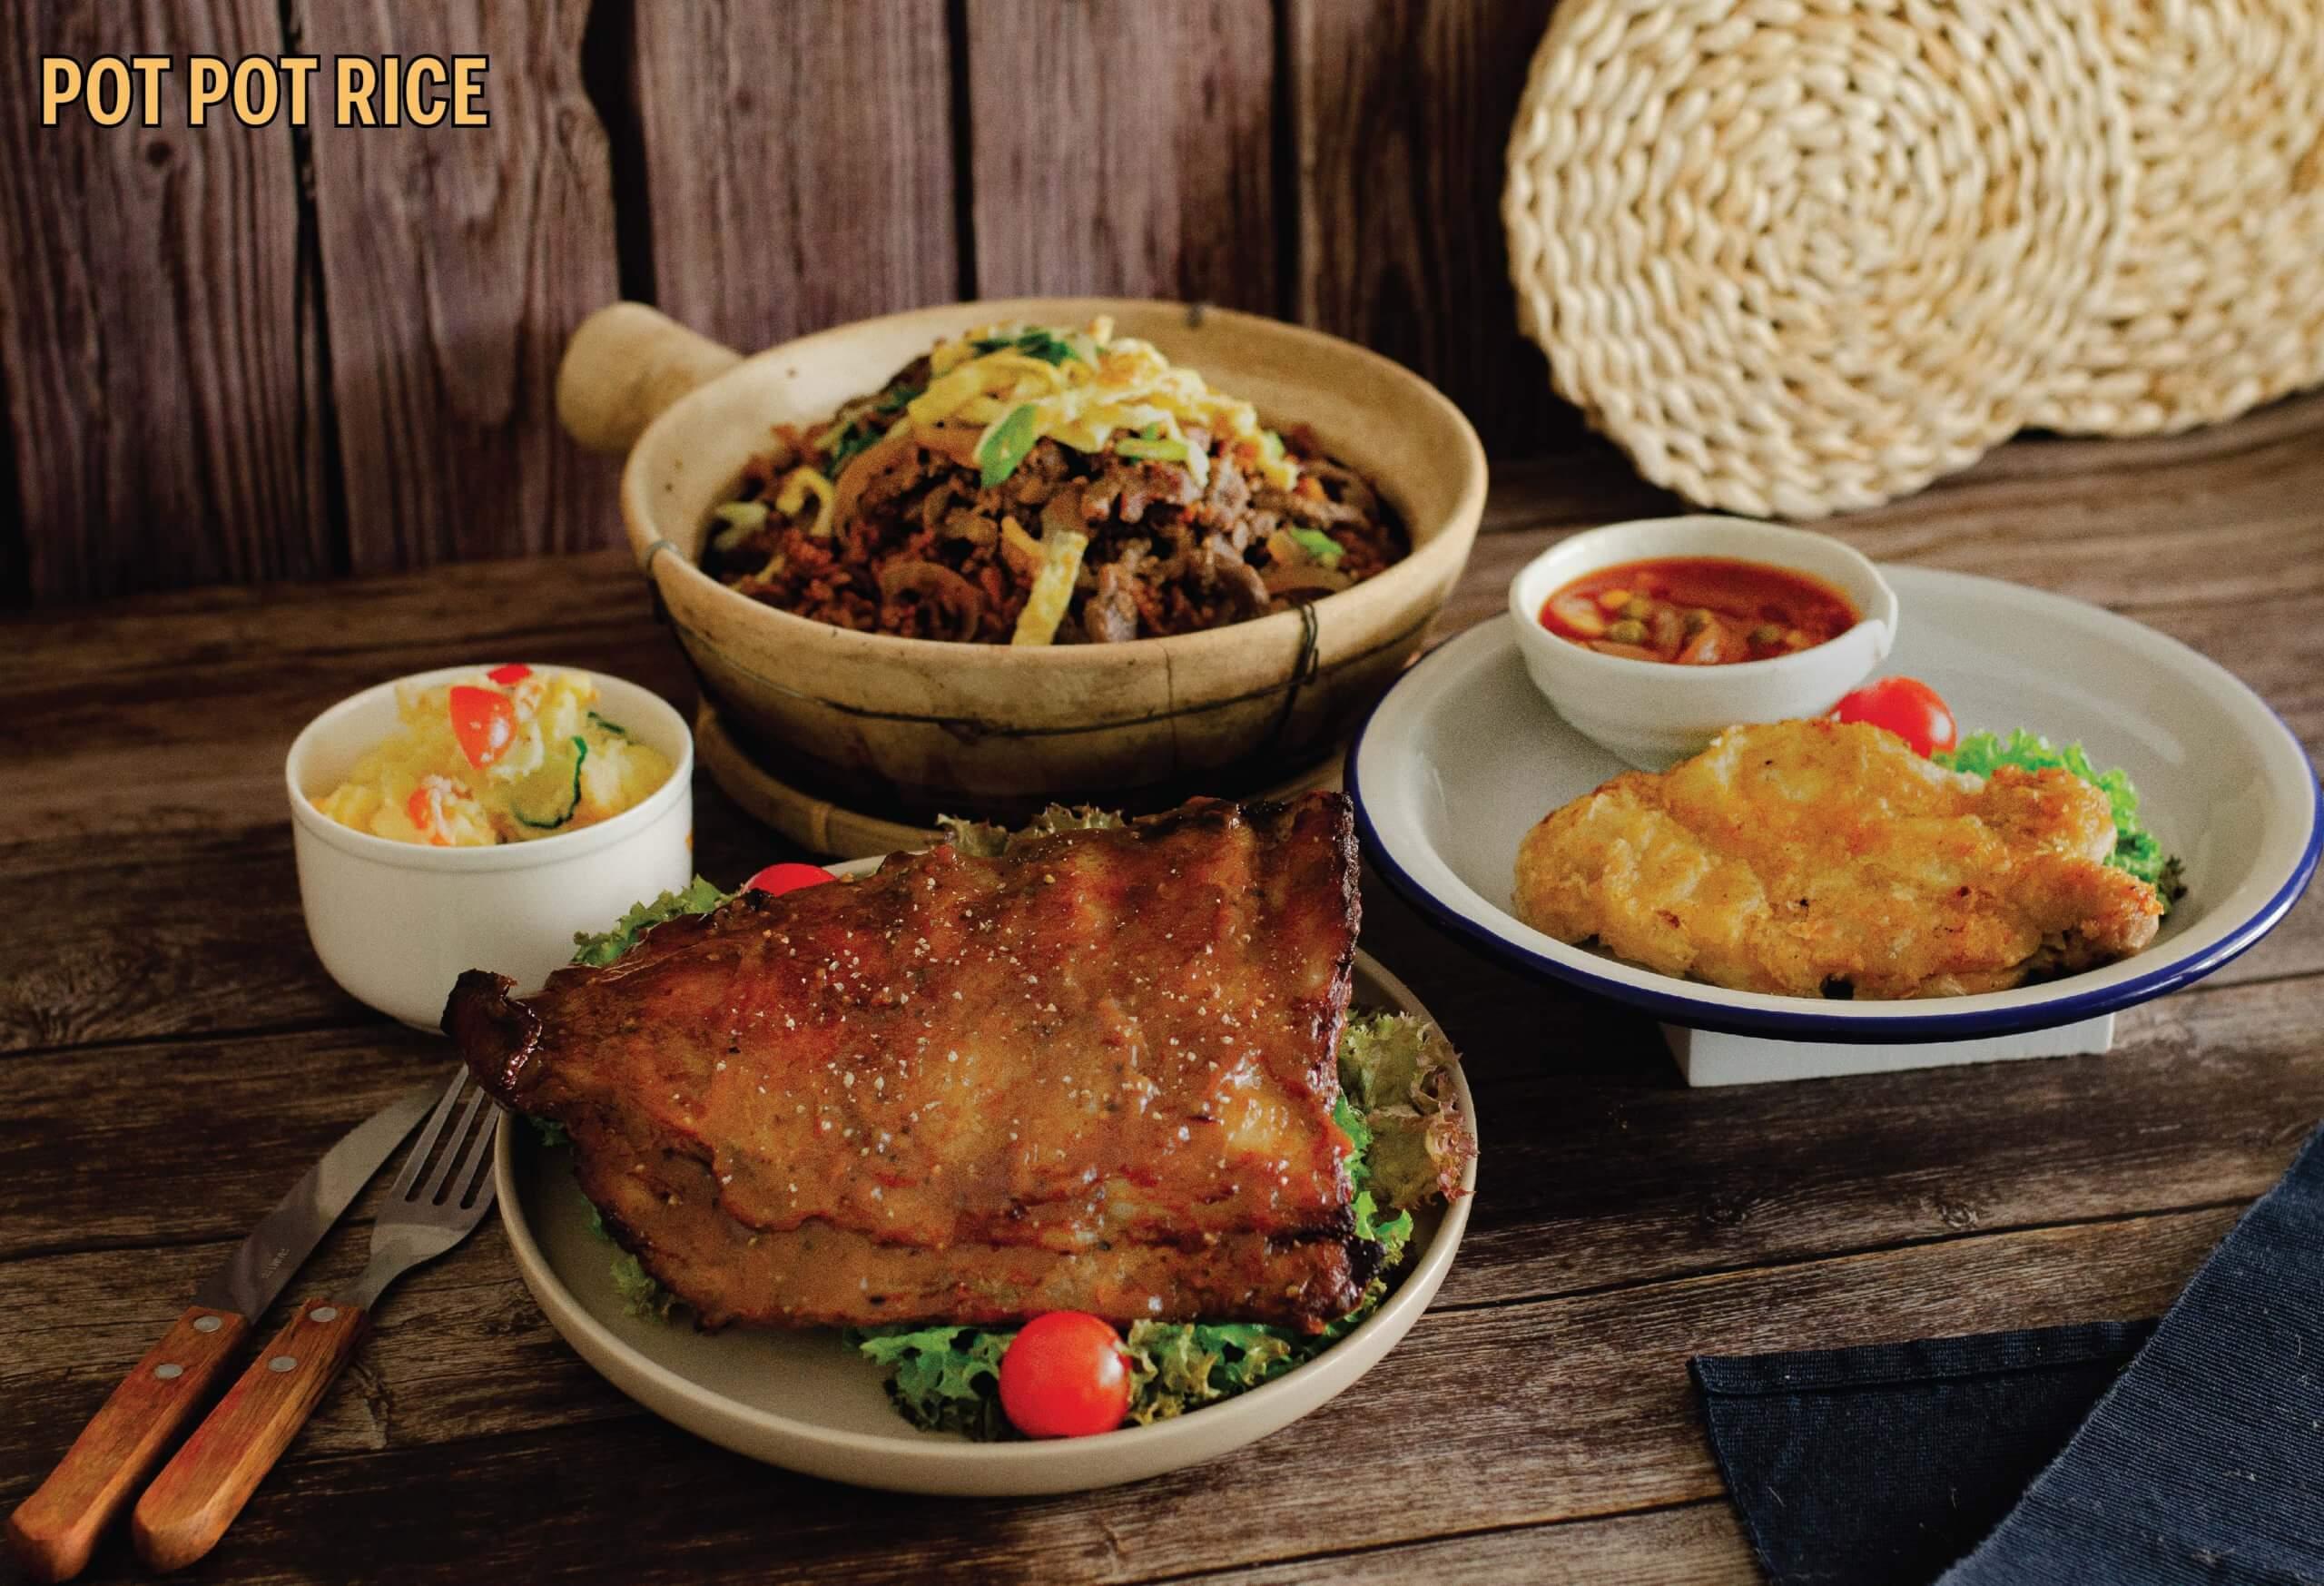 Pot Pot Rice